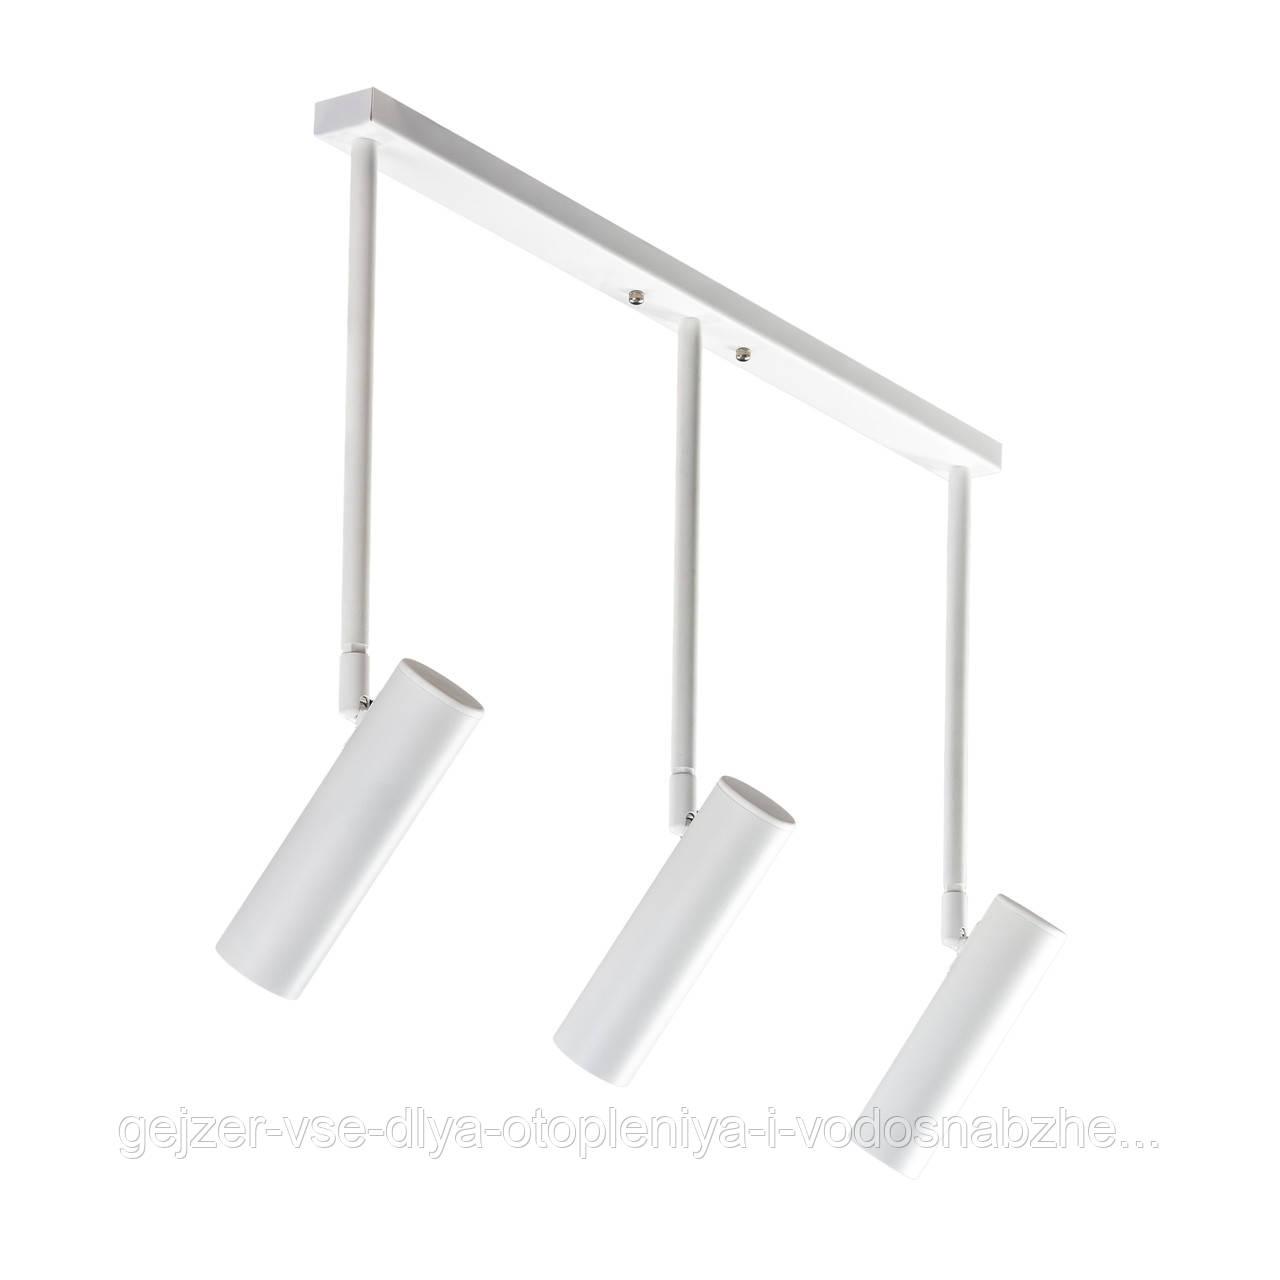 Потолочный светильник Atma Light серии Pelikan С180-3 White